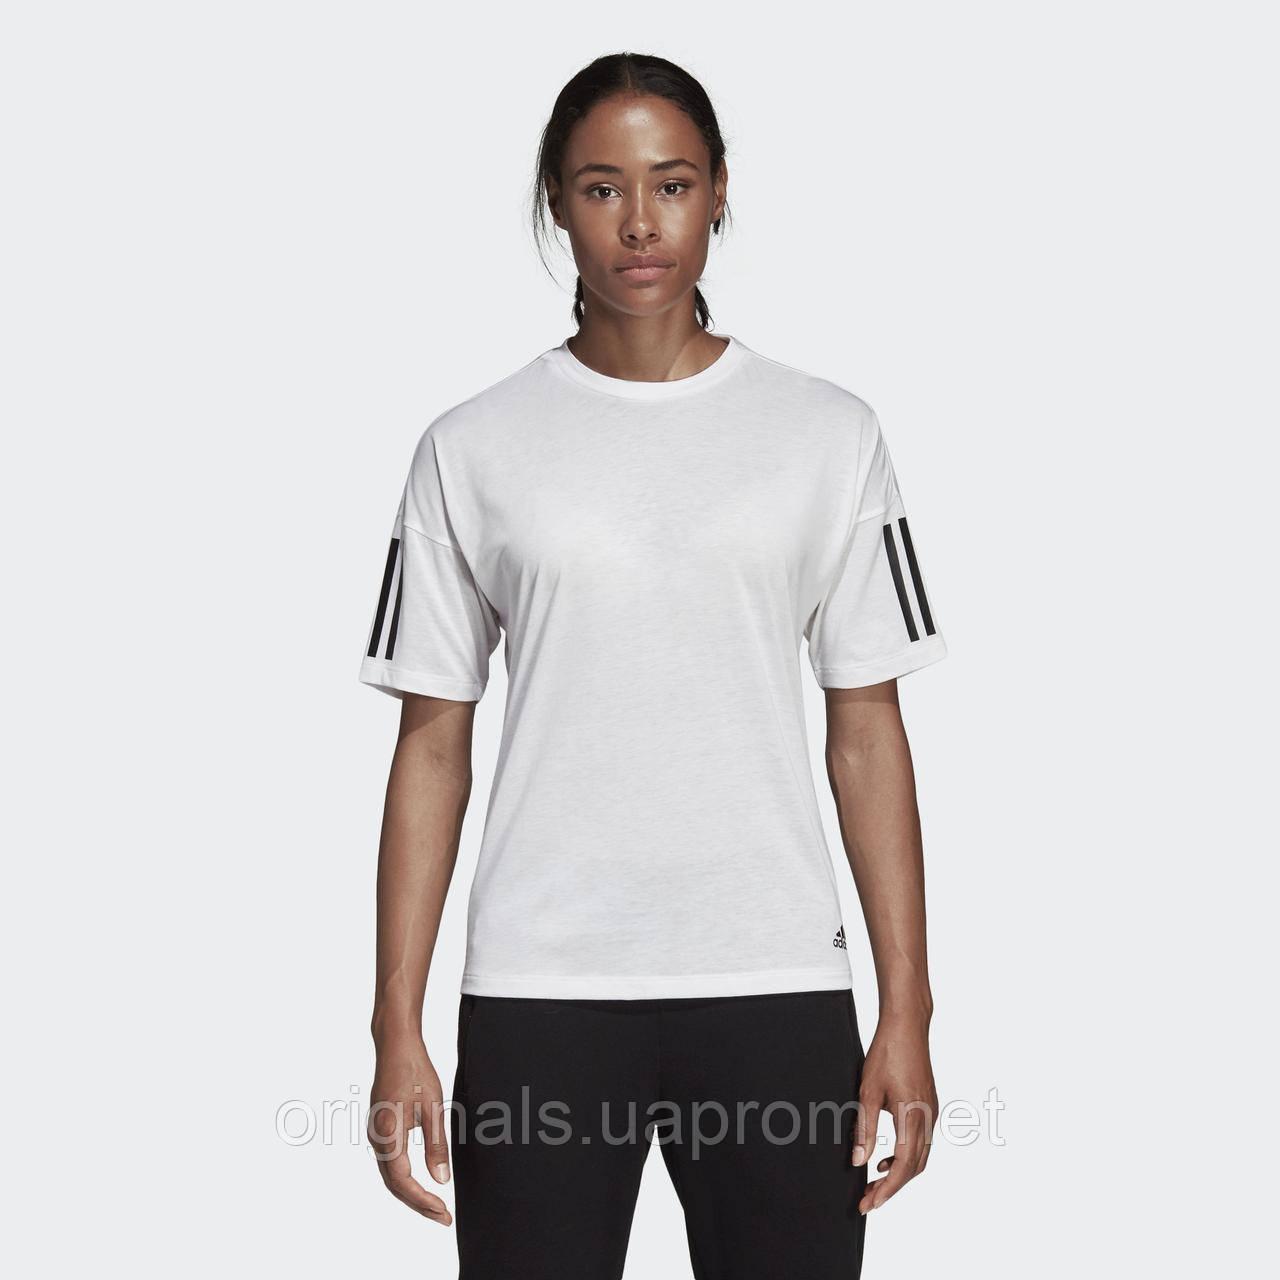 Спортивная футболка Adidas Must Haves 3-Stripes Modern DU0011-